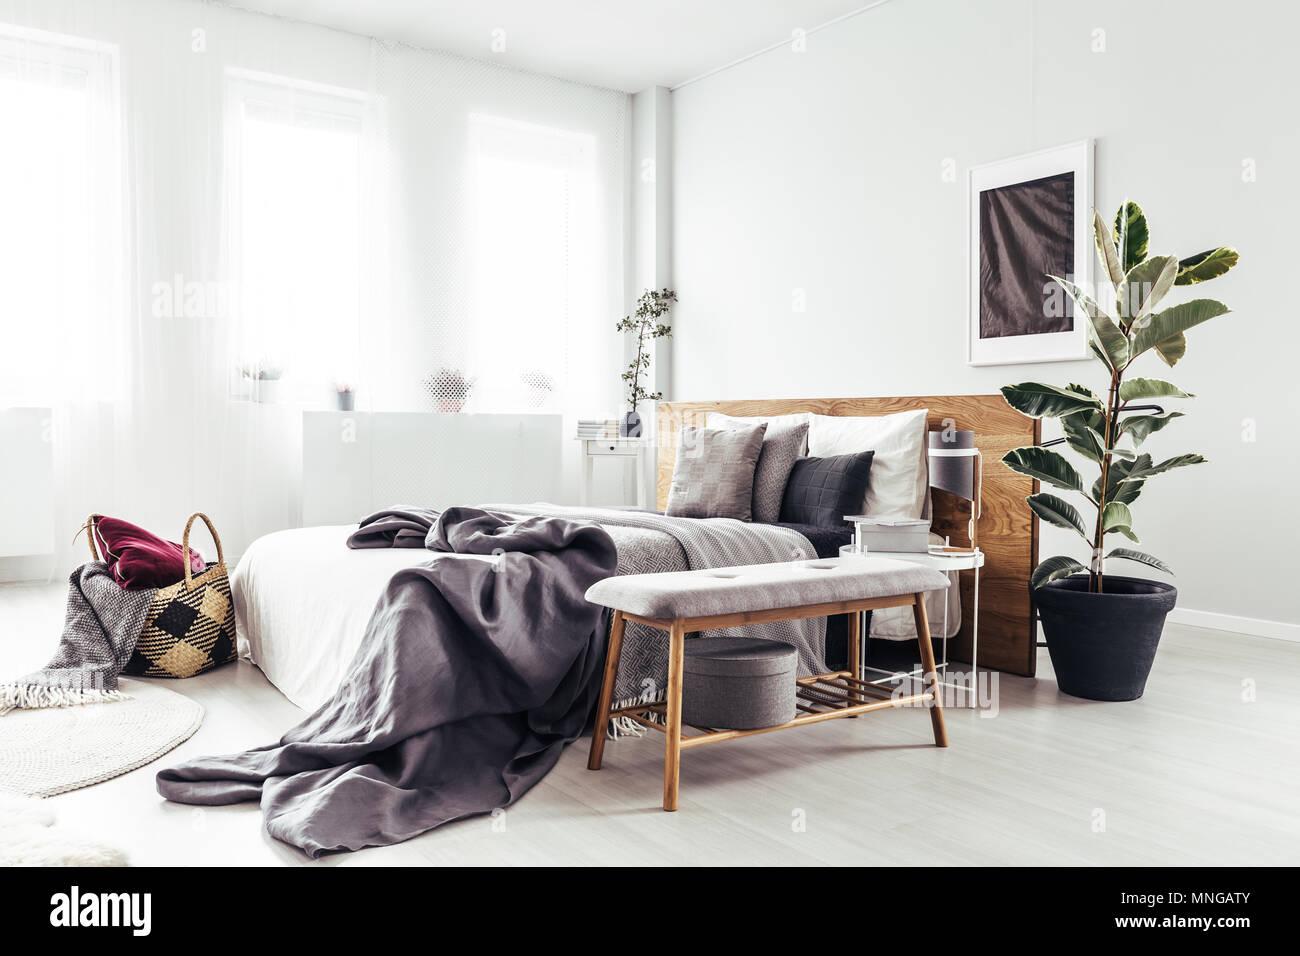 Holzbank Und Anlage Neben Dem Bett Mit Grau Bettwäsche In Hellen